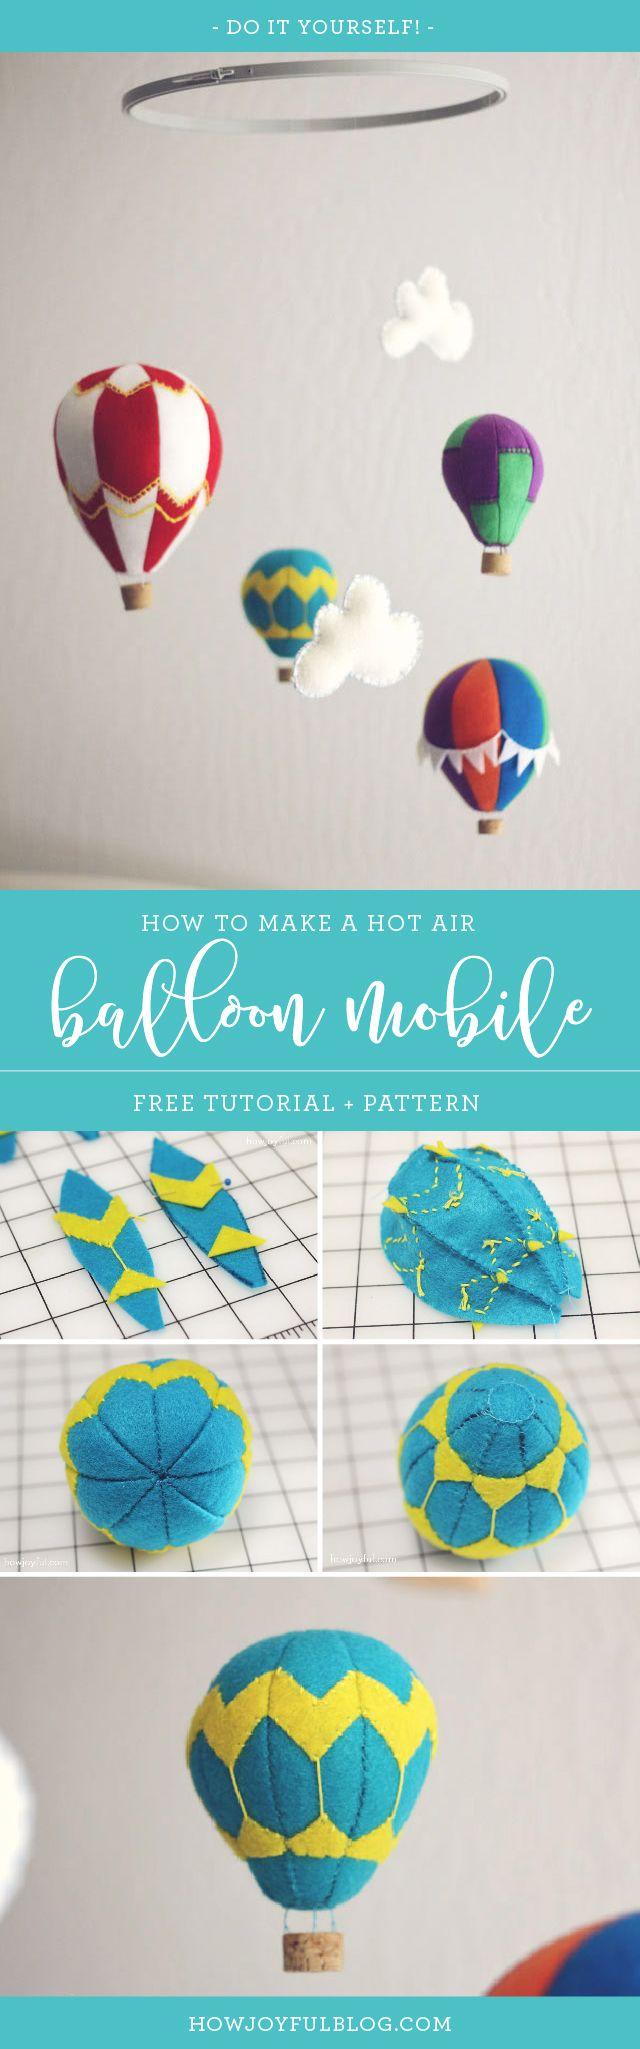 to HowJoyful Balloon mobile, Hot air balloon